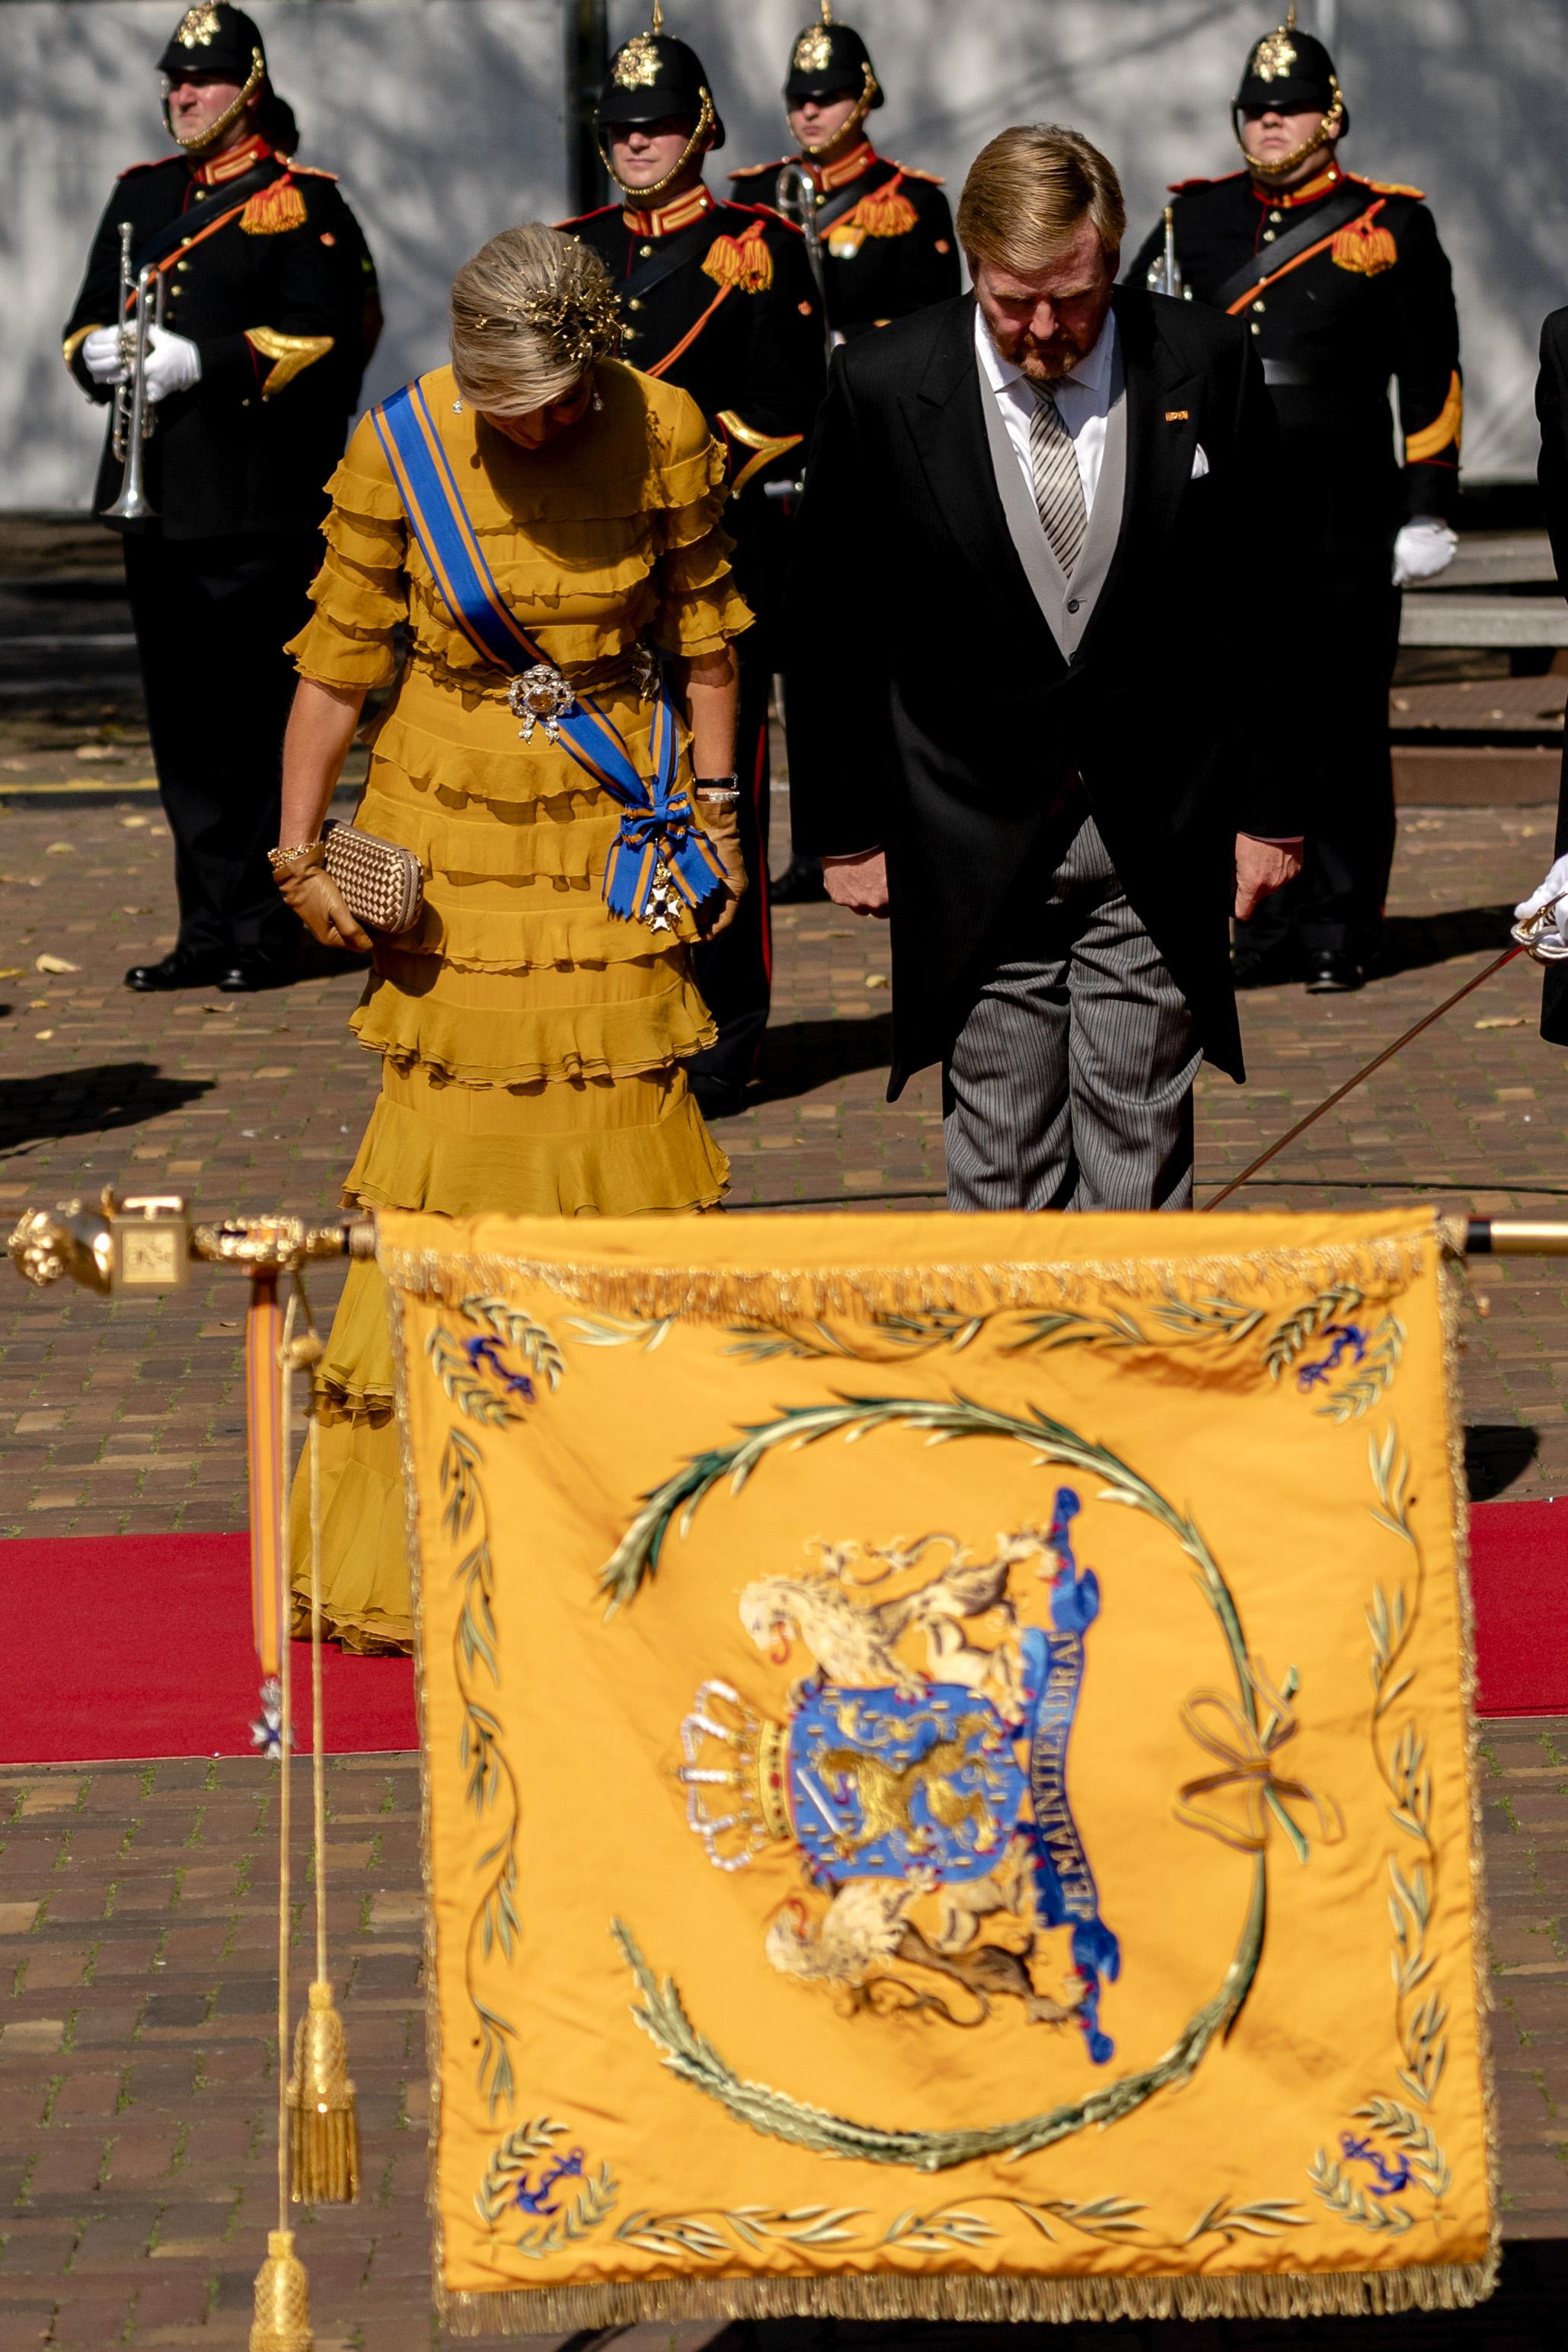 Een foto van koning Willem-Alexander en Máxima op weg naar de Troonrede